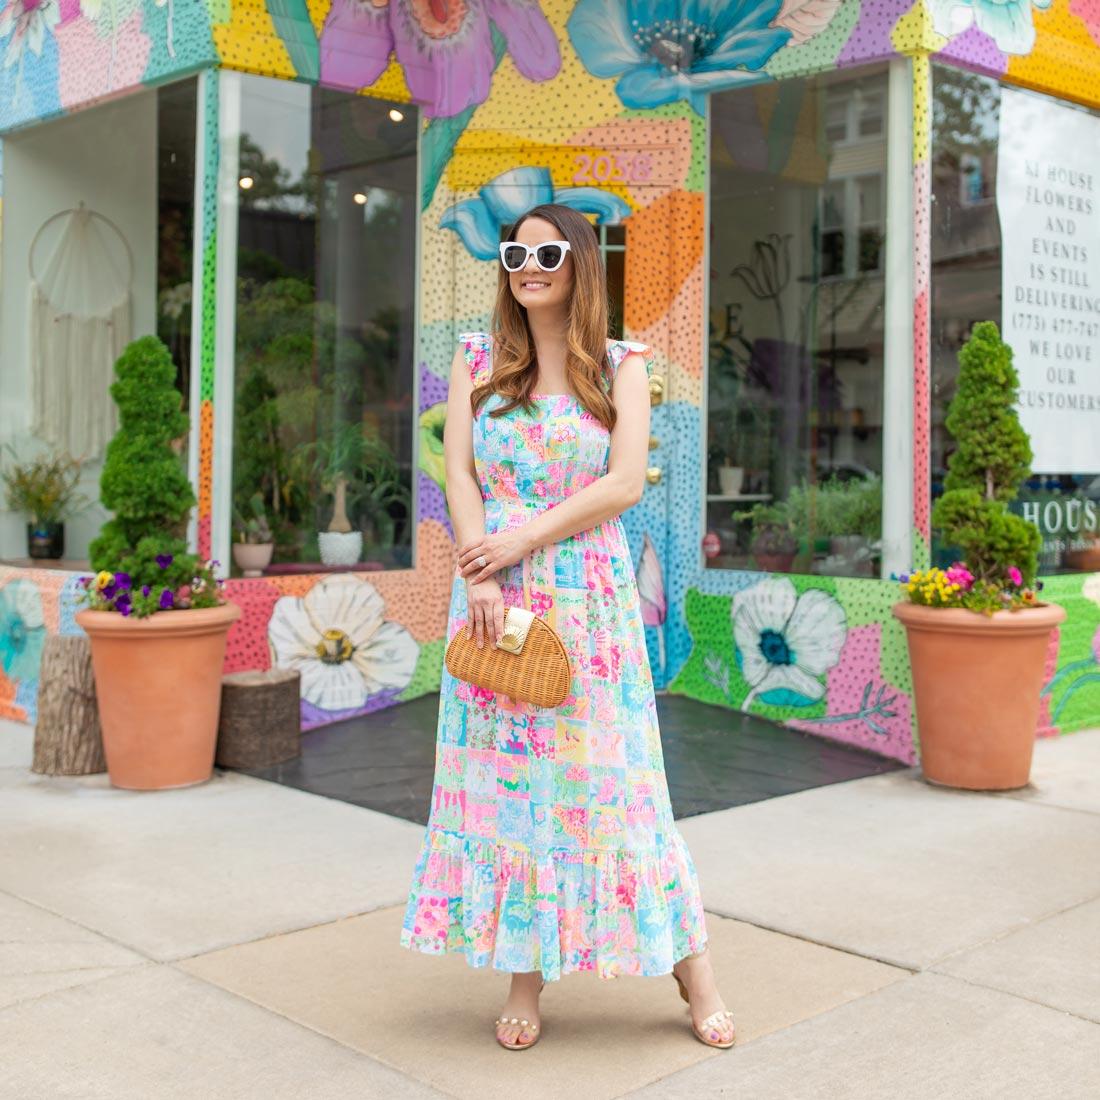 Jennifer Lake Lilly Pulitzer State of Mind Dress